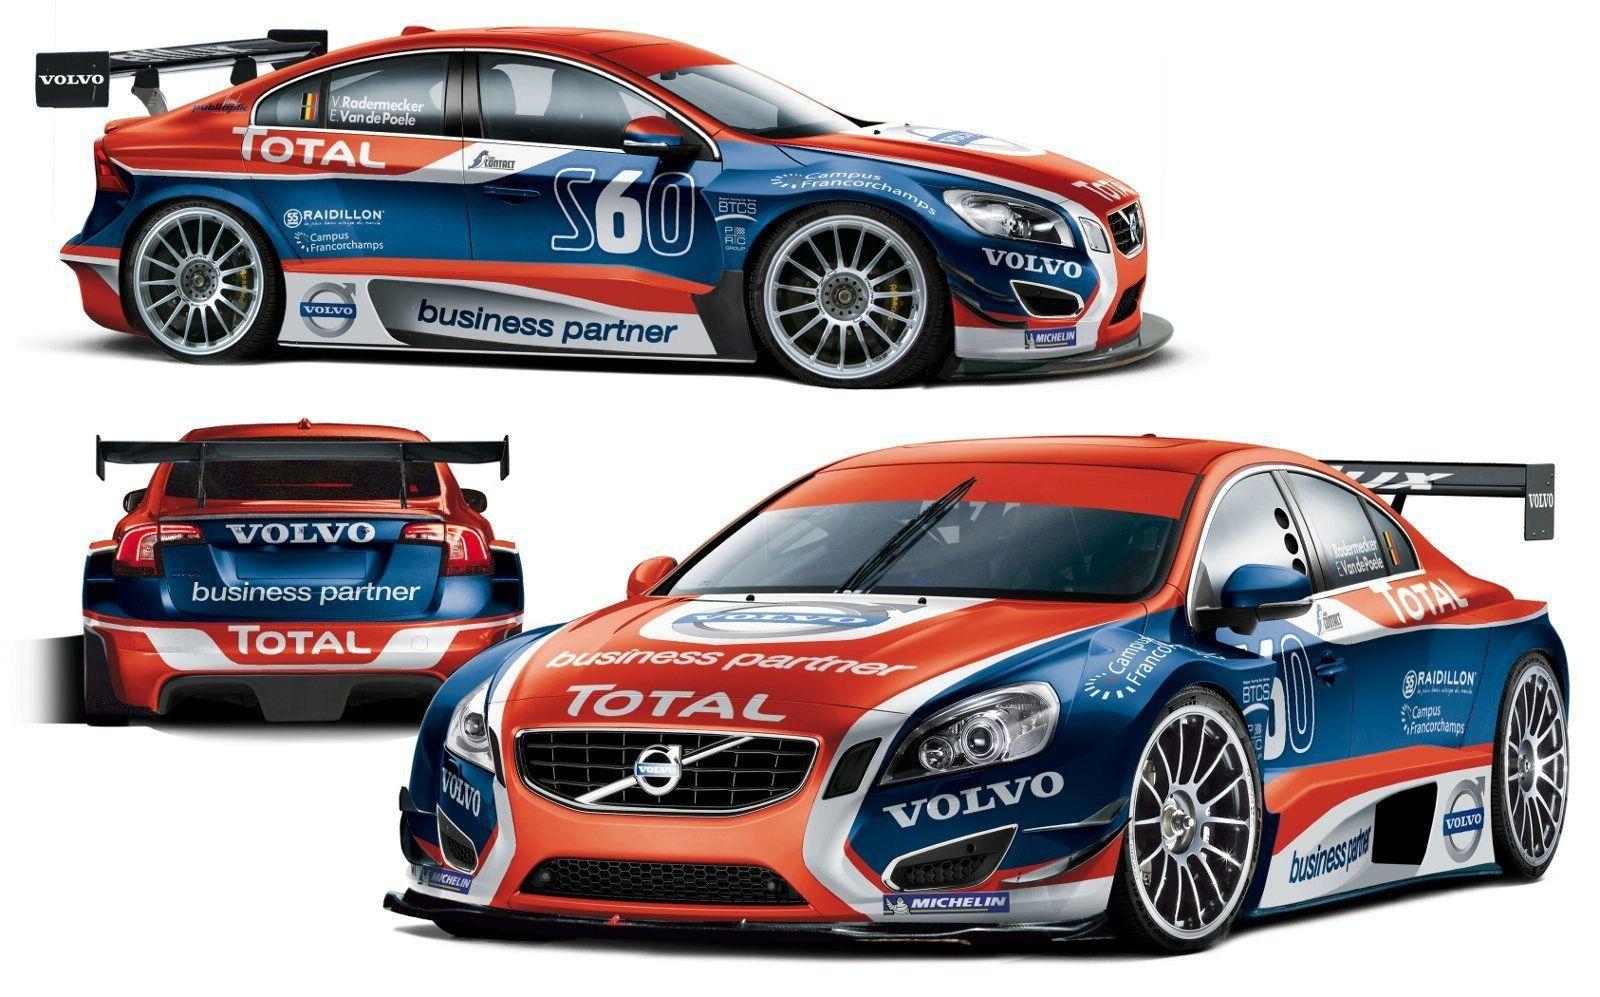 Afbeeldingsresultaat voor race car livery | Livery Ideas